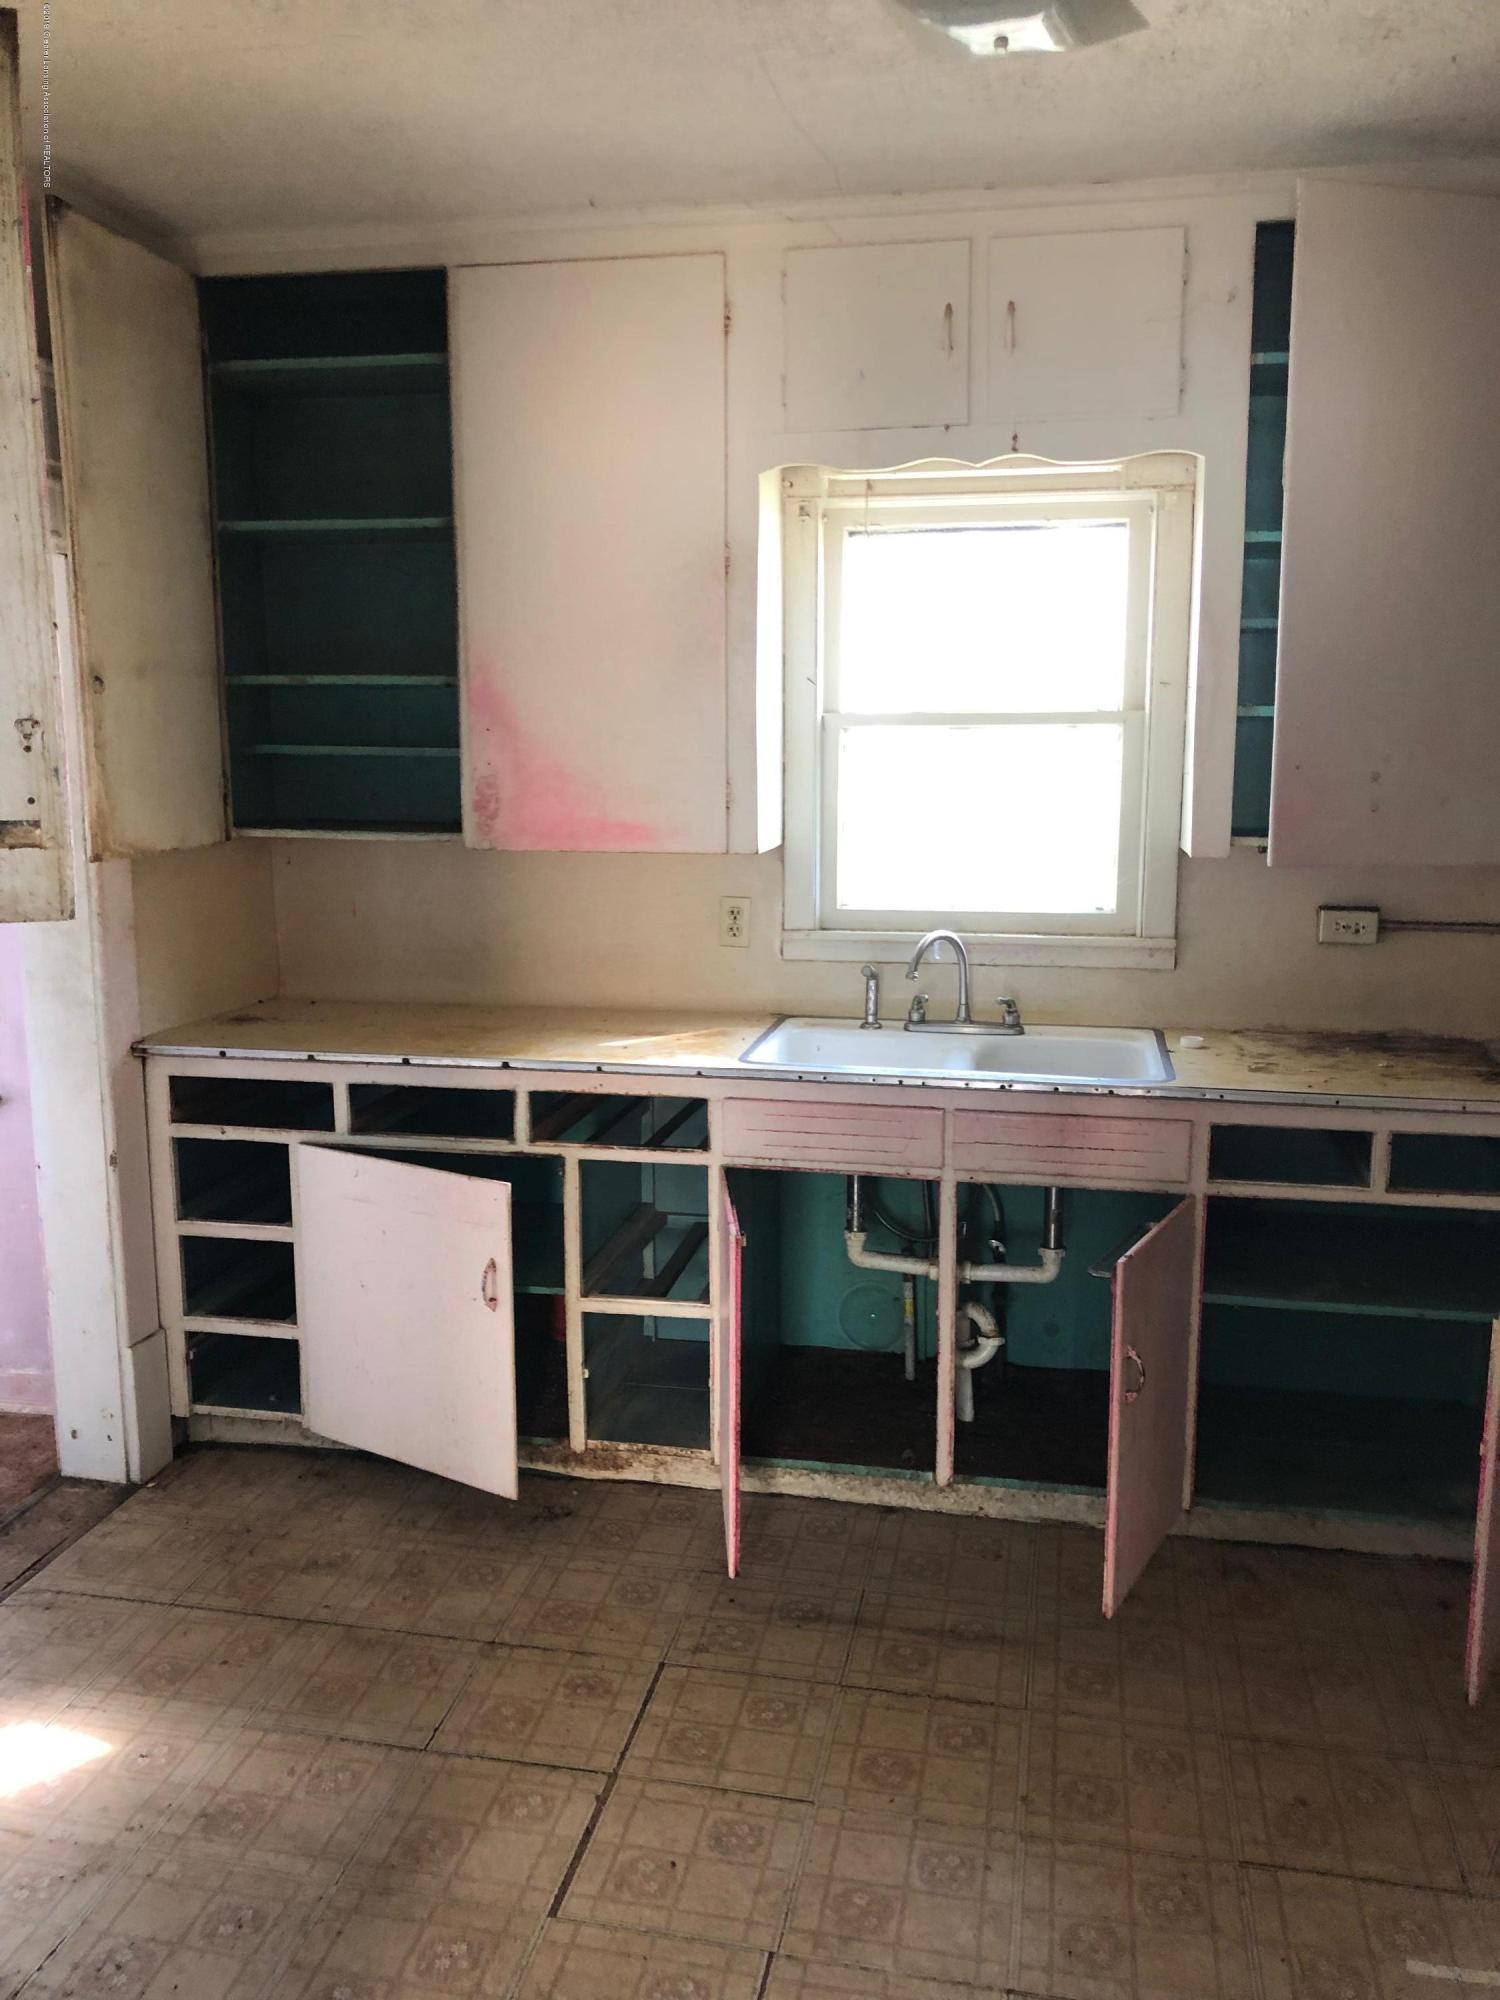 726 W Willow St - Kitchen - 2